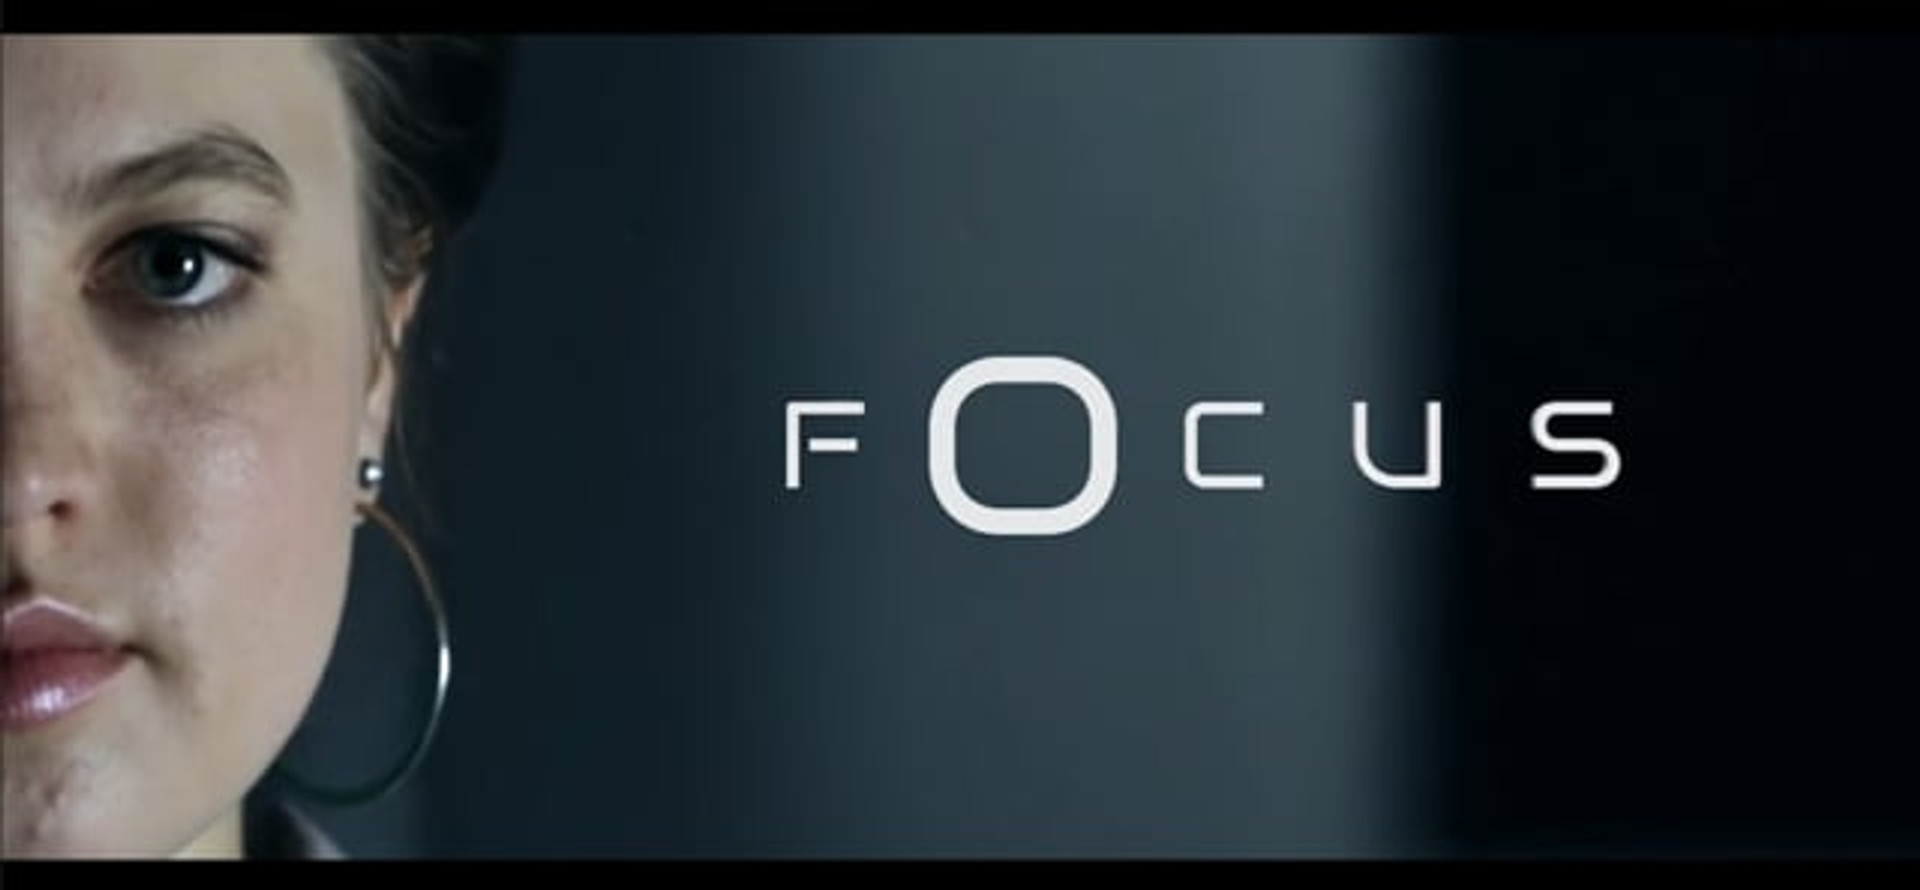 Focus Part 4